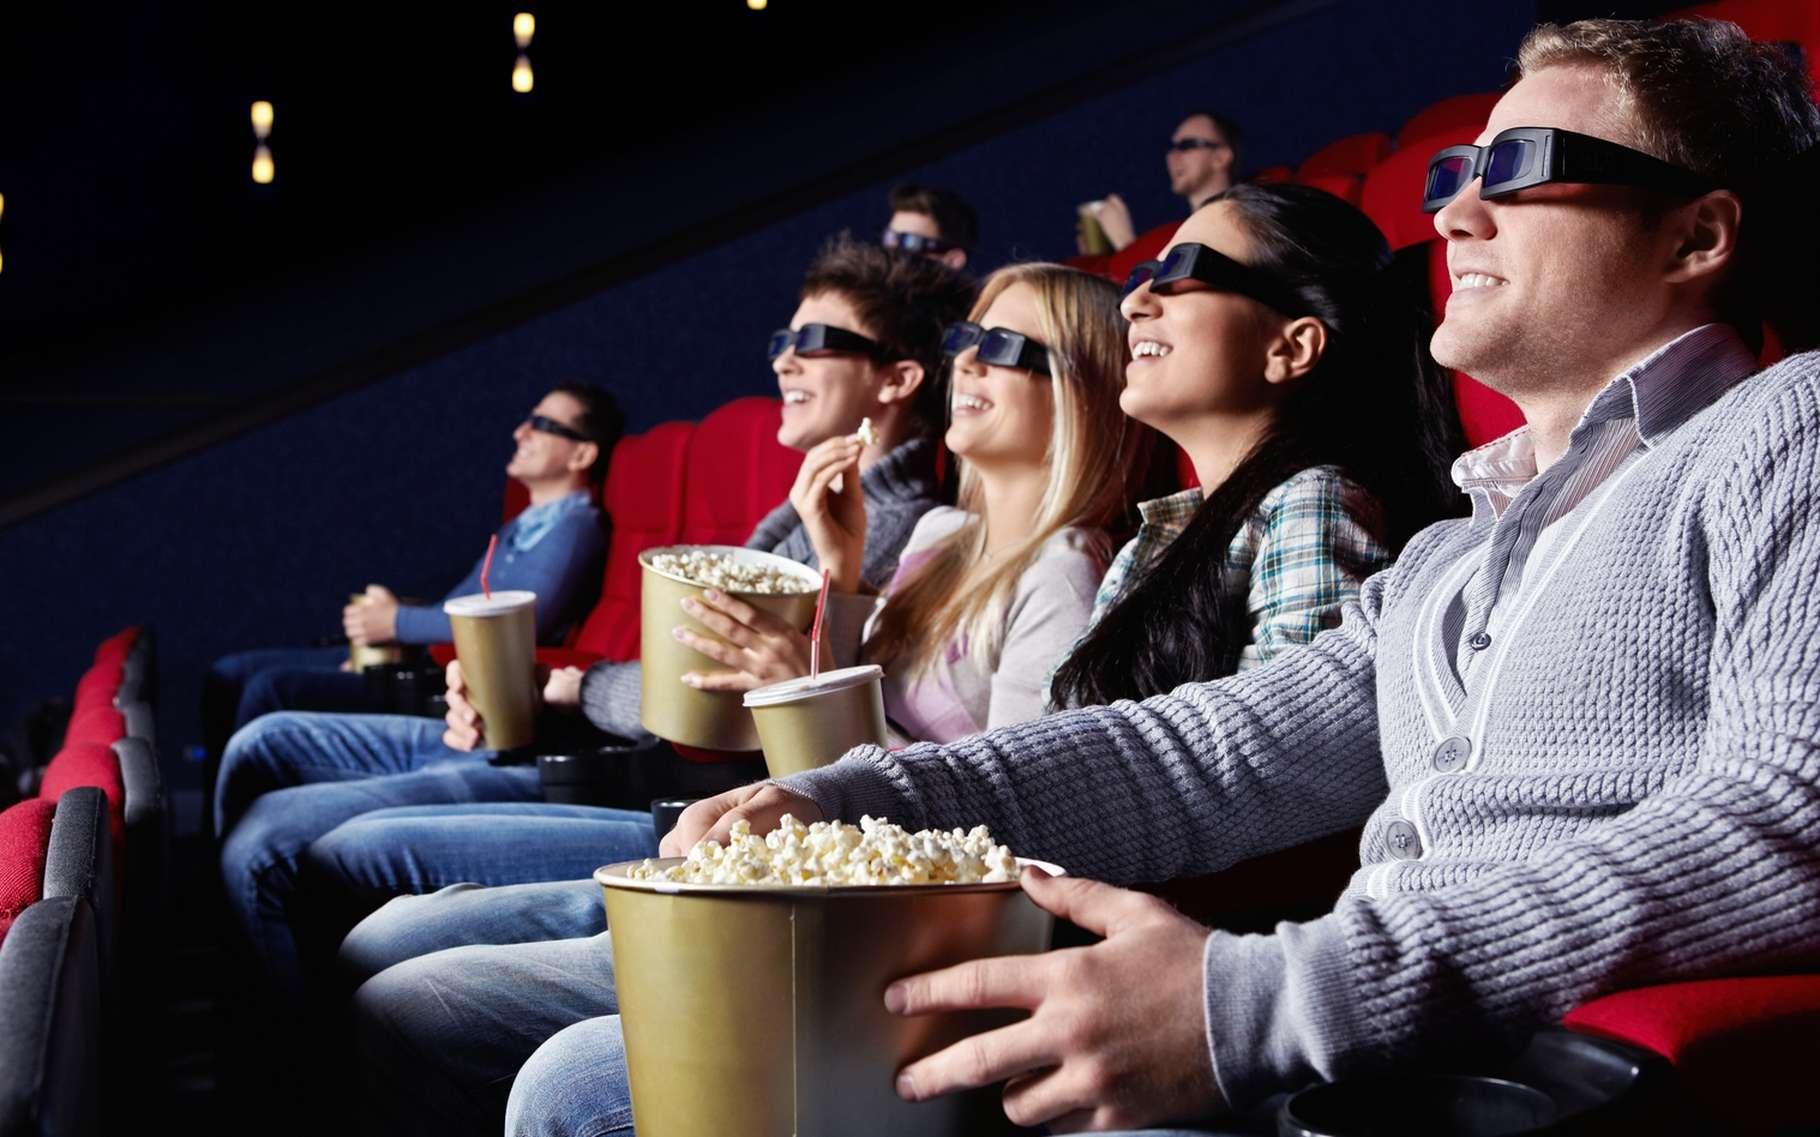 S'il existe déjà une technique permettant d'afficher des images 3D visibles sans lunettes spéciales, les contraintes techniques ne la rendaient jusqu'à présent pas applicable aux salles de cinéma. © LuckyImages, Shutterstock